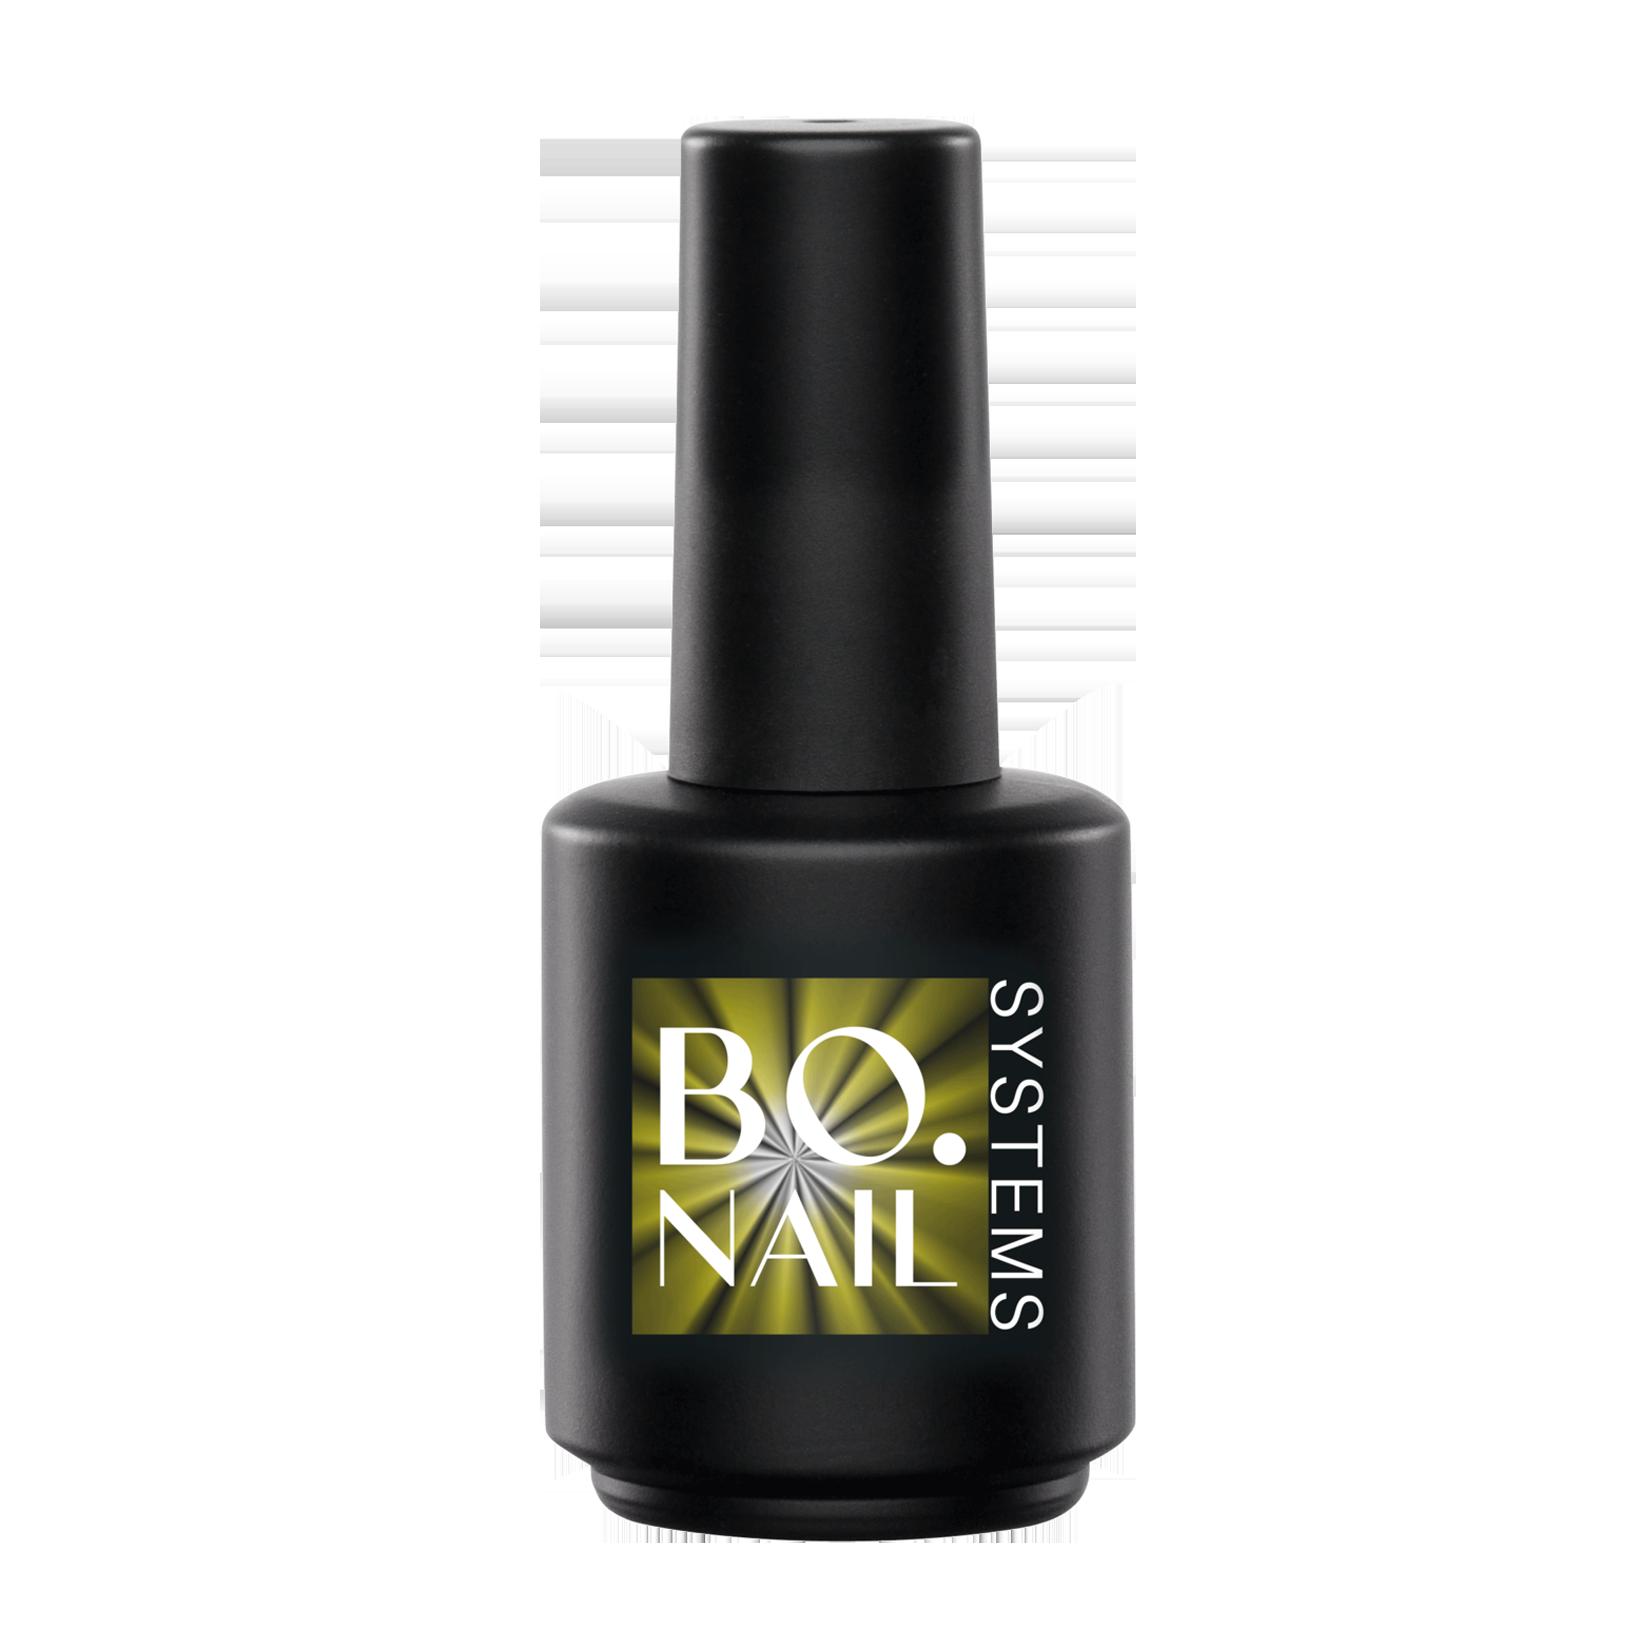 BO Soakable UV Blocker No Wipe Top Gel 15ml - Bottle